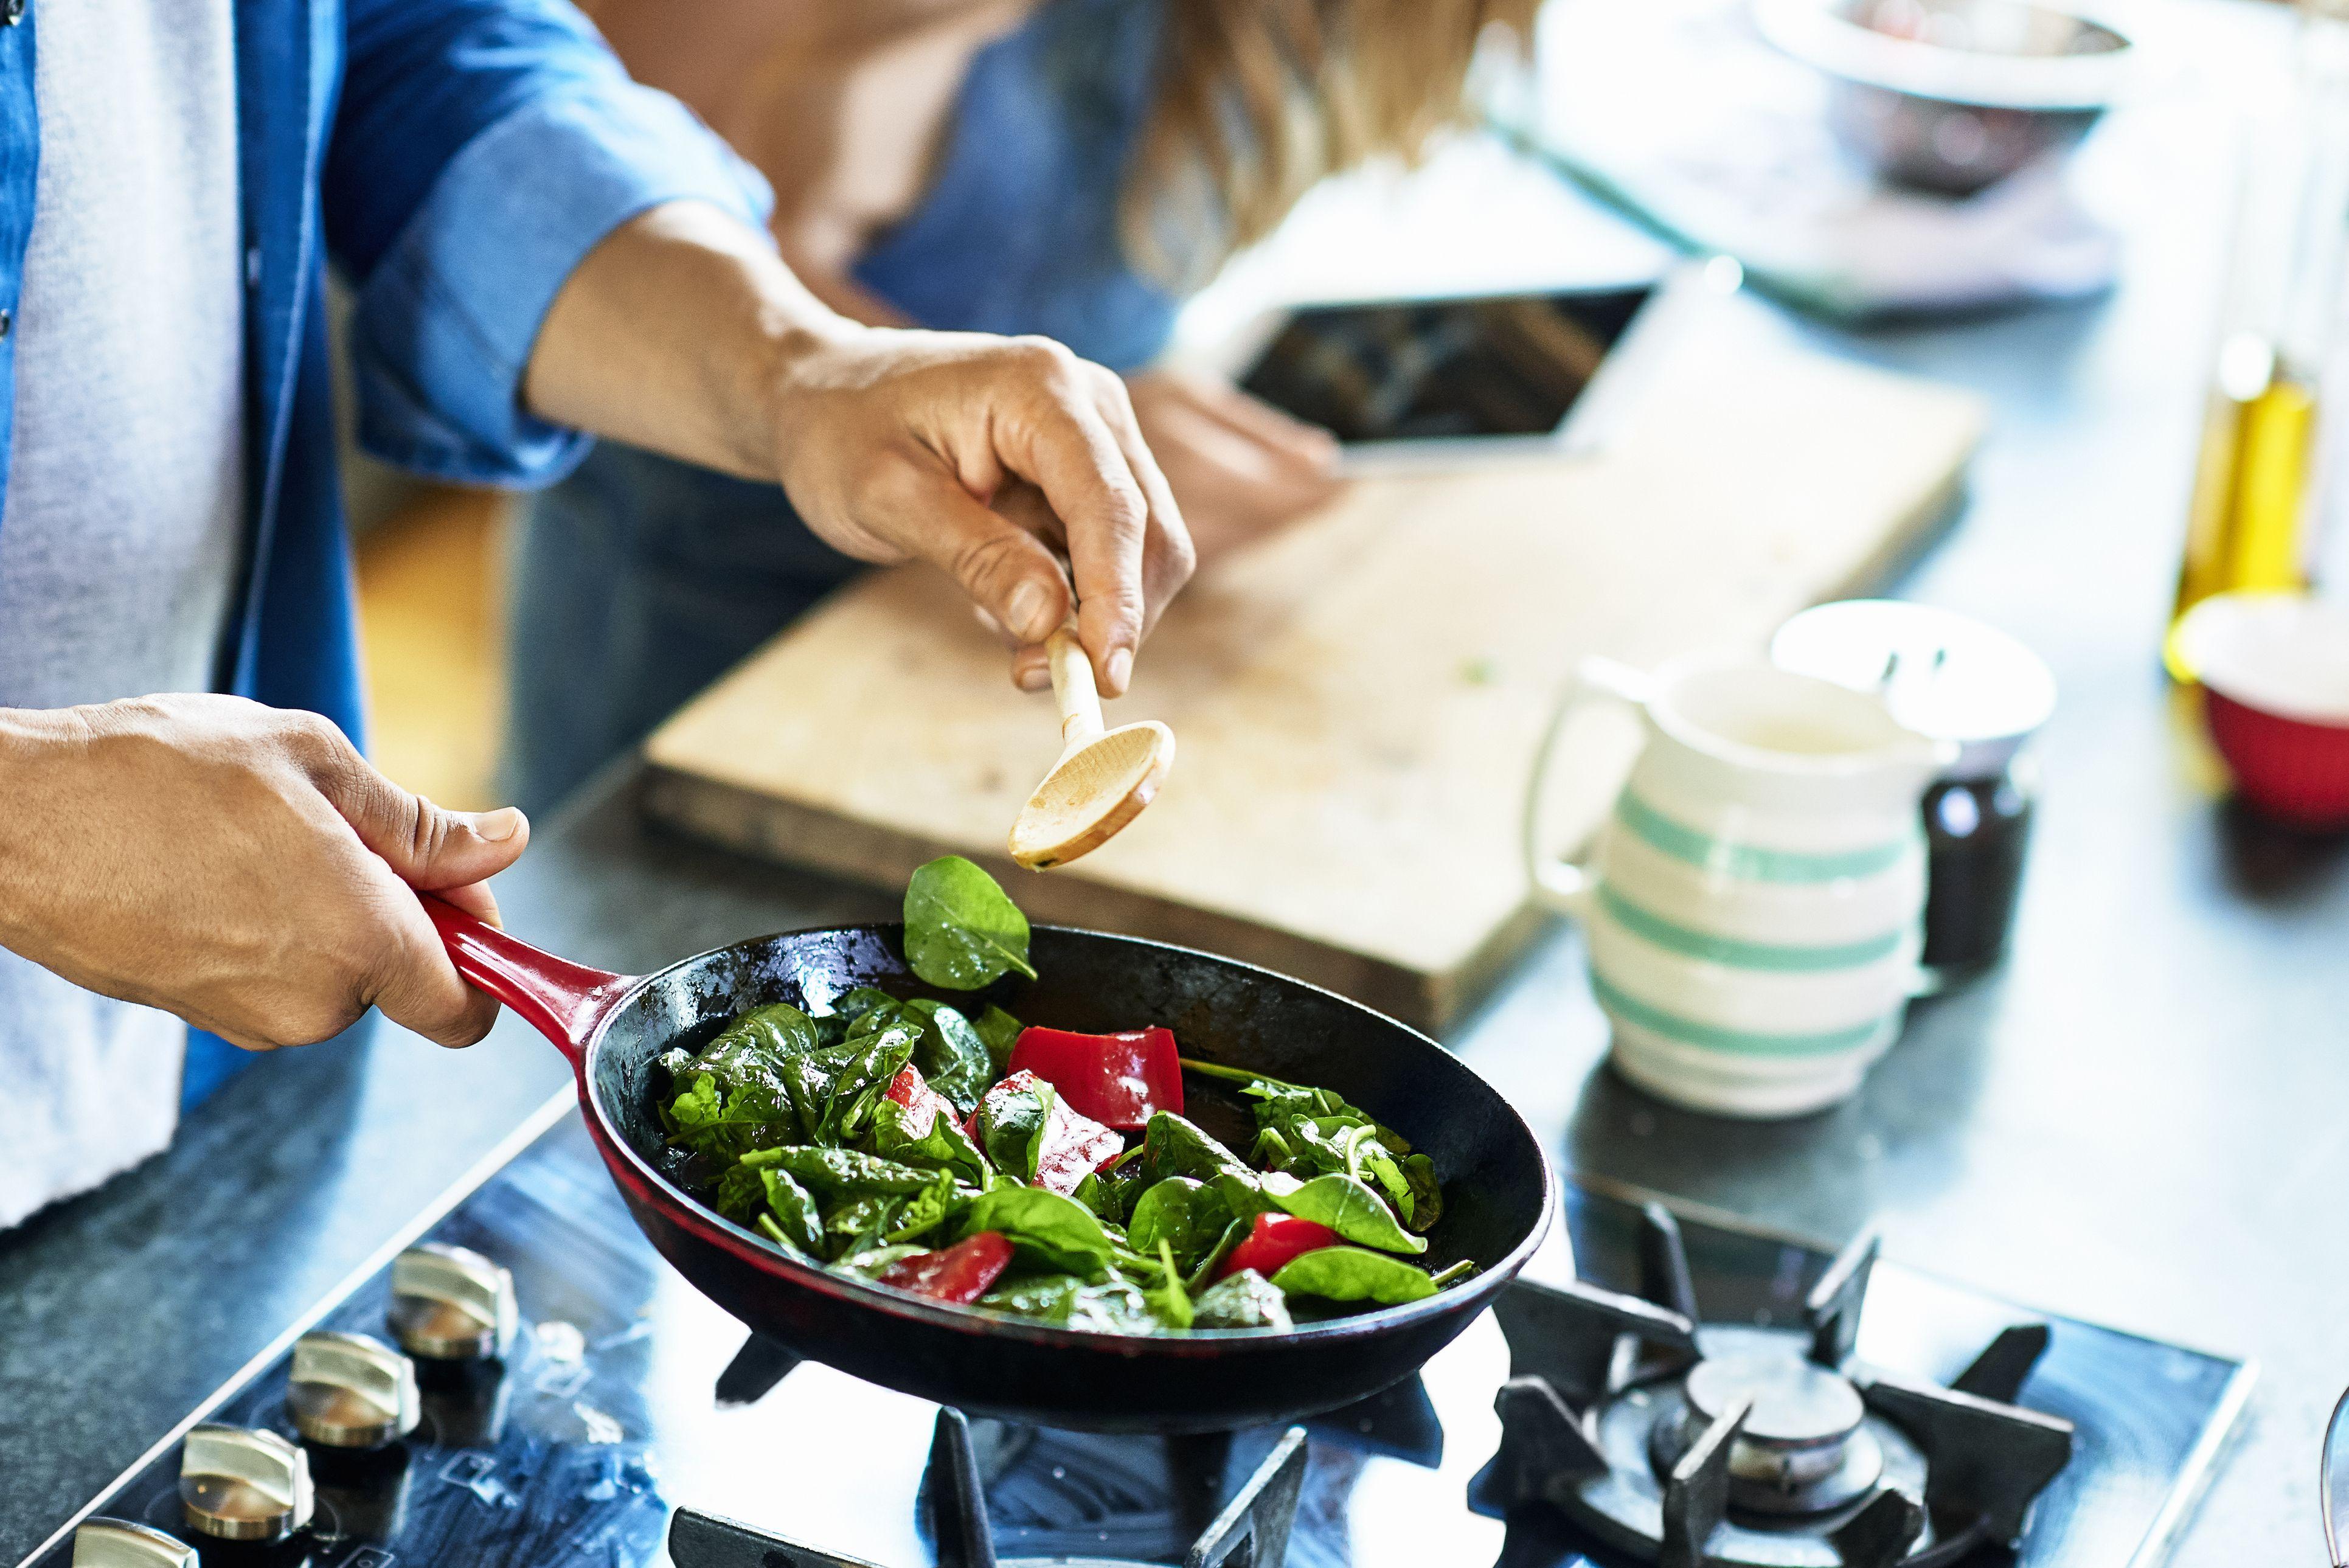 come perdere peso su una dieta paleo